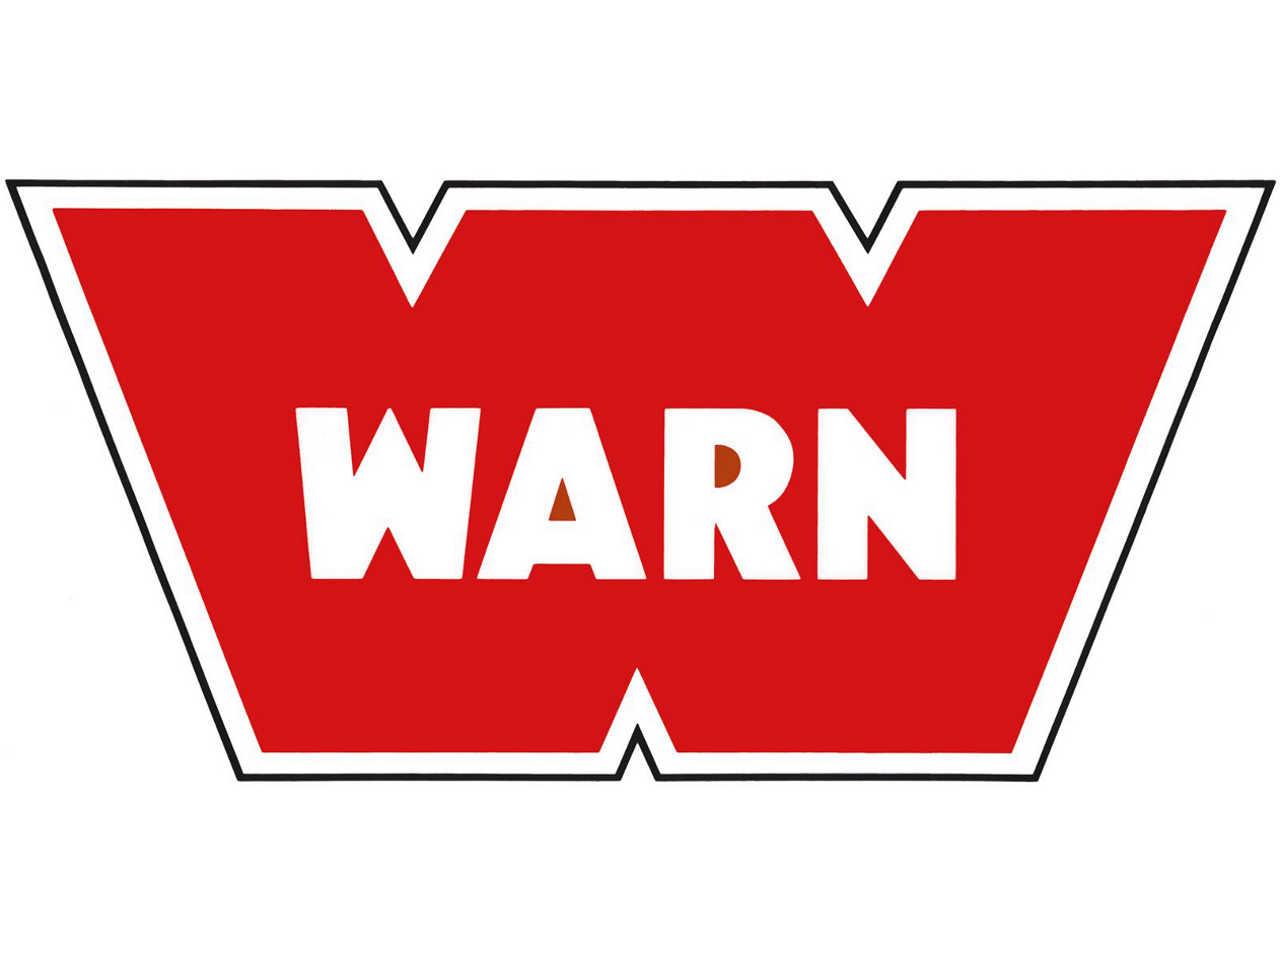 WARN_LOGO